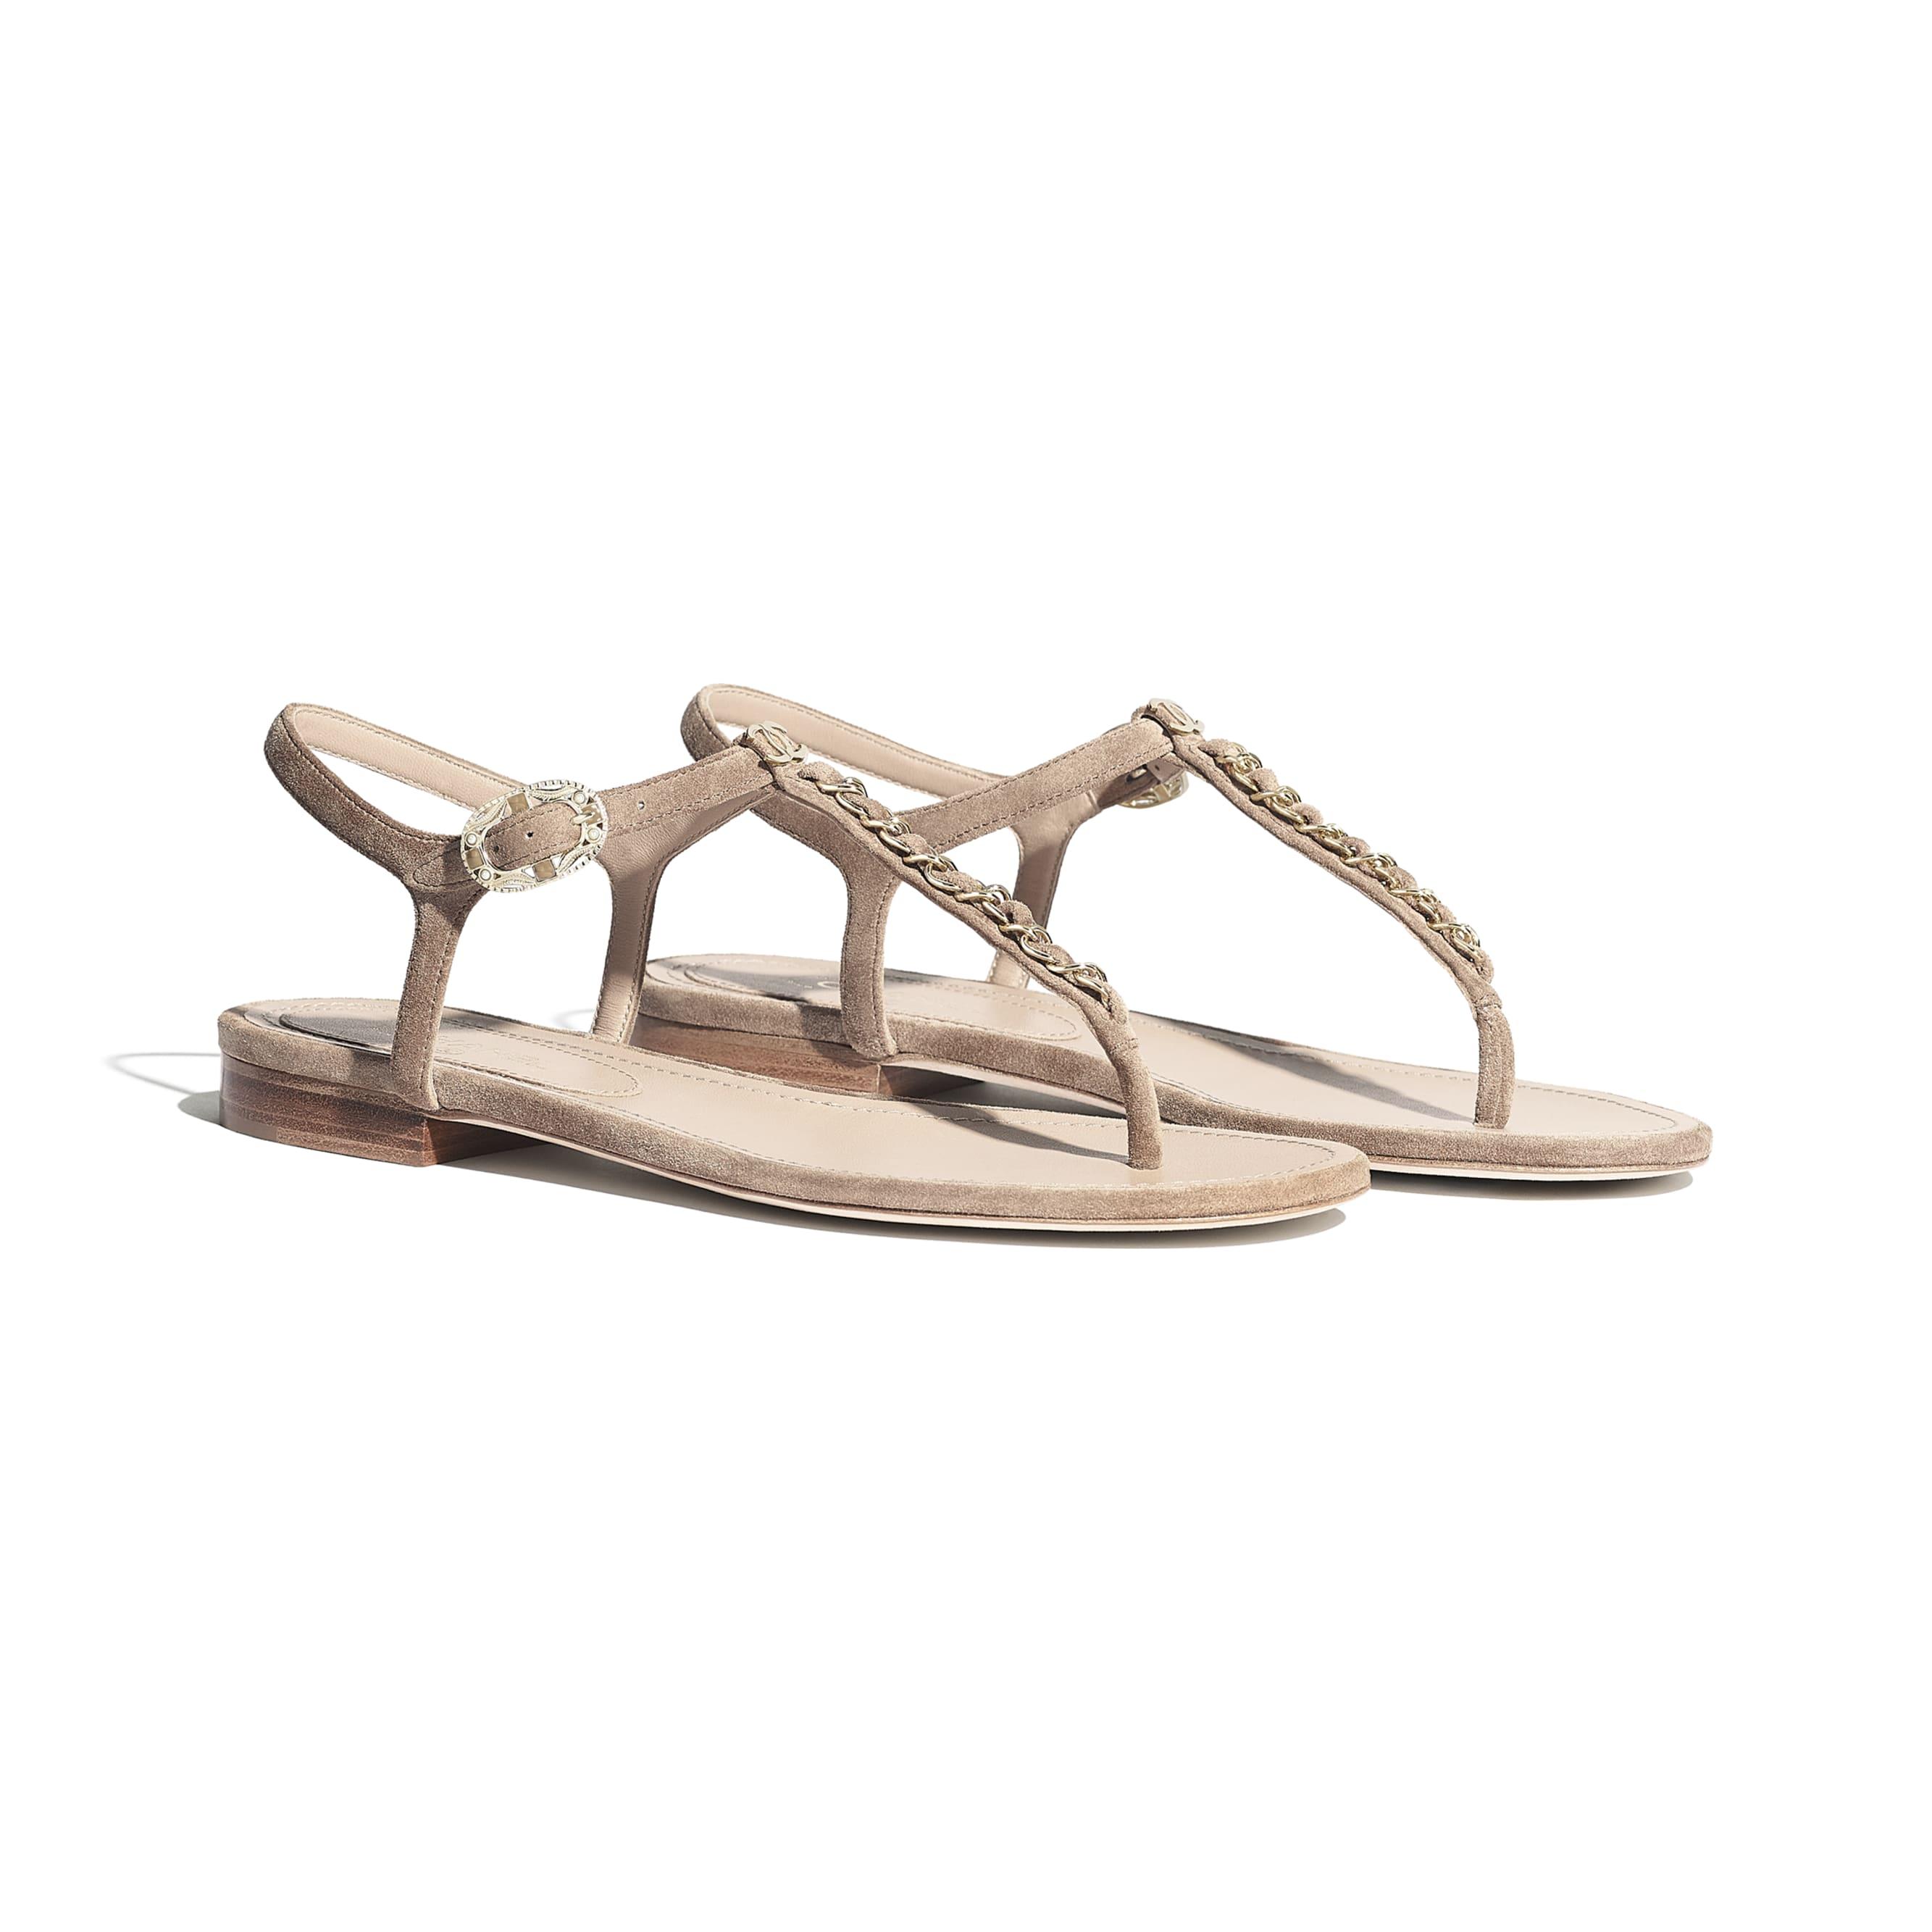 Sandals - Beige - Suede Calfskin - Alternative view - see standard sized version